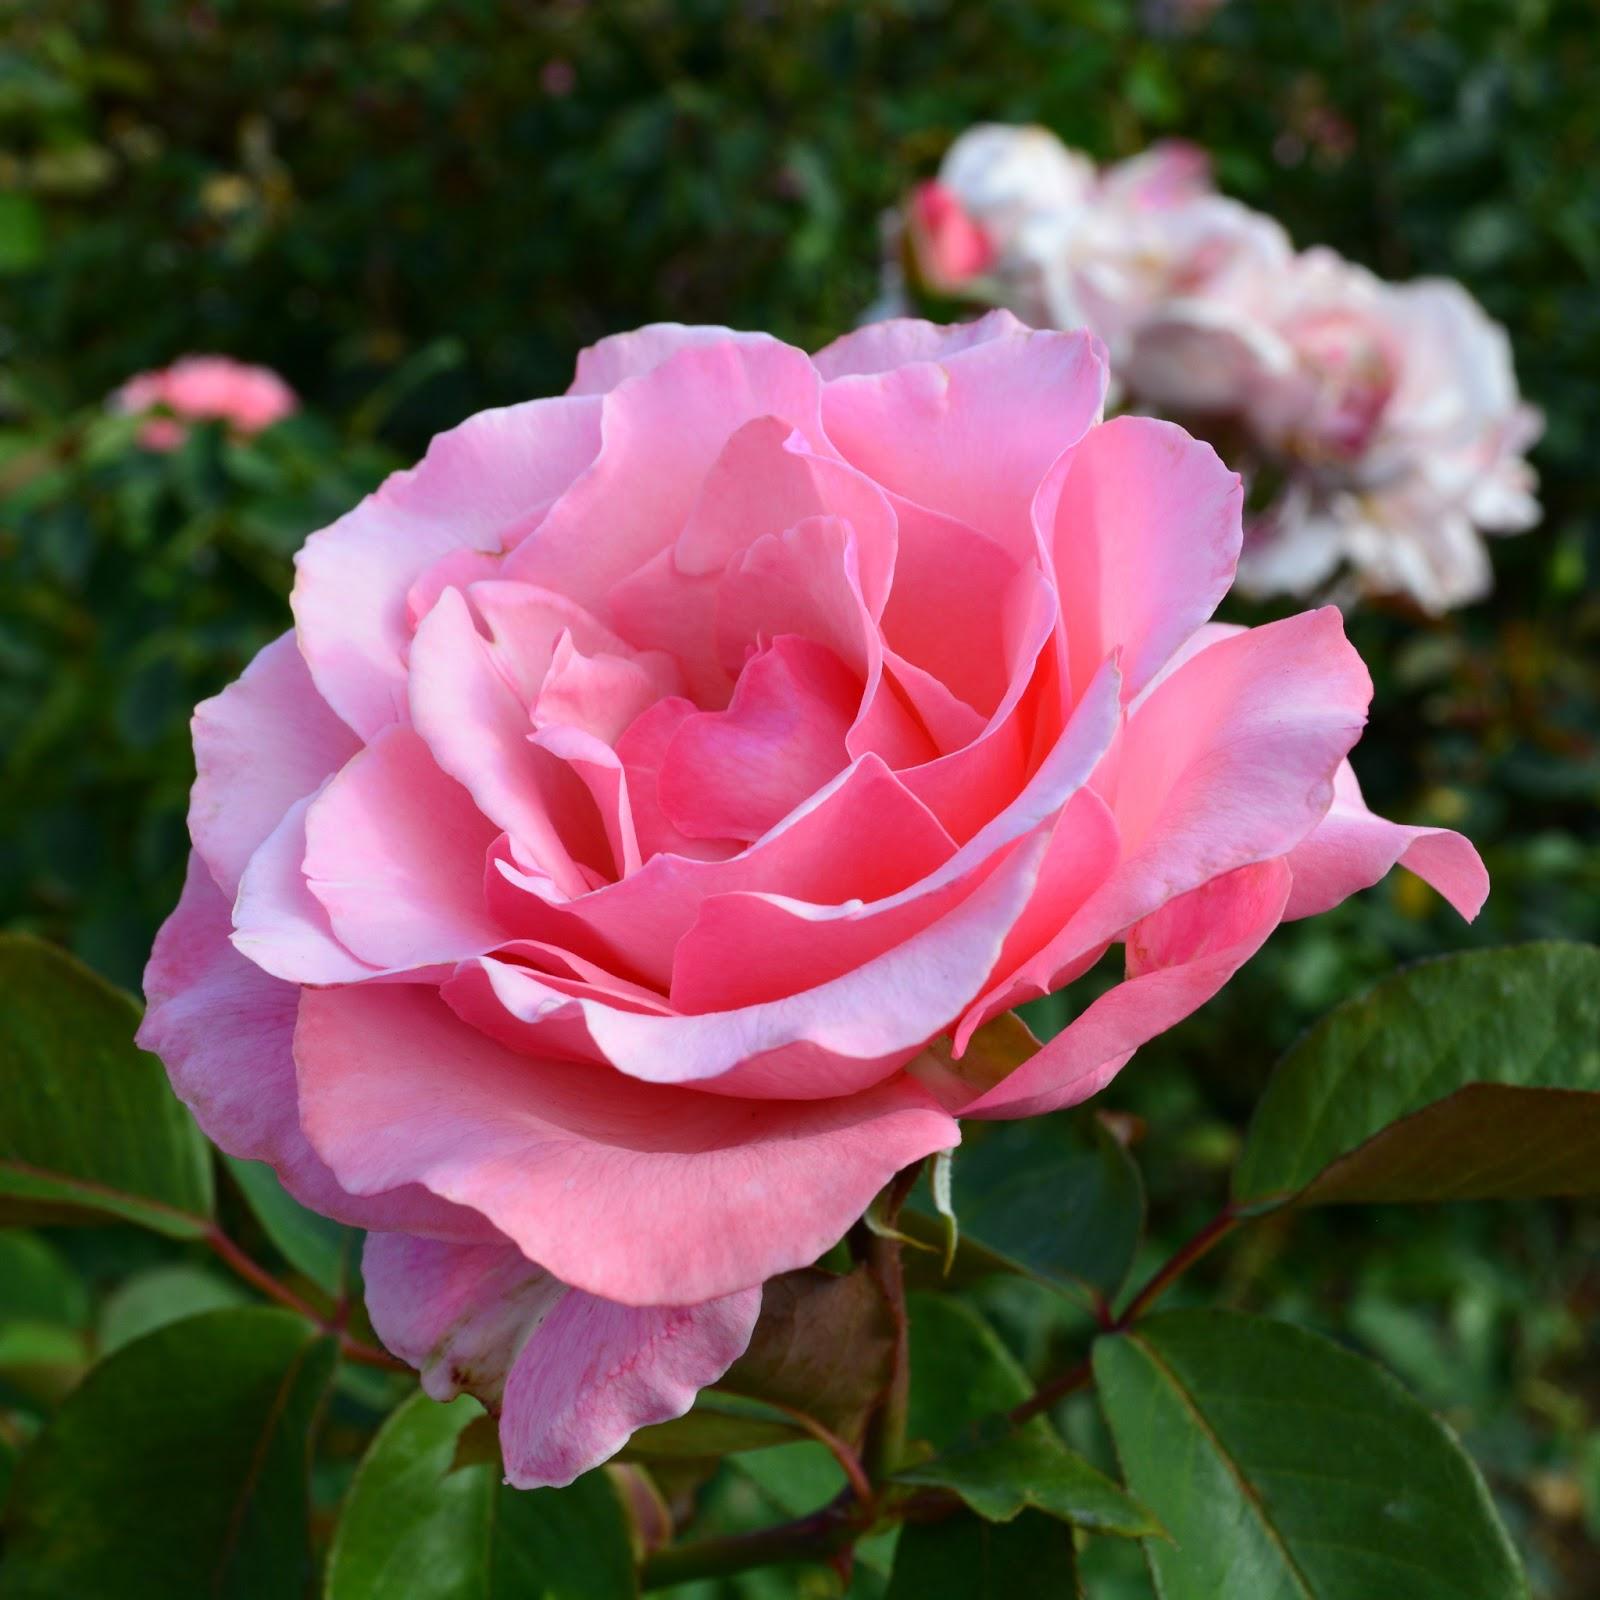 cozy birdhouse | los angeles exposition park rose garden